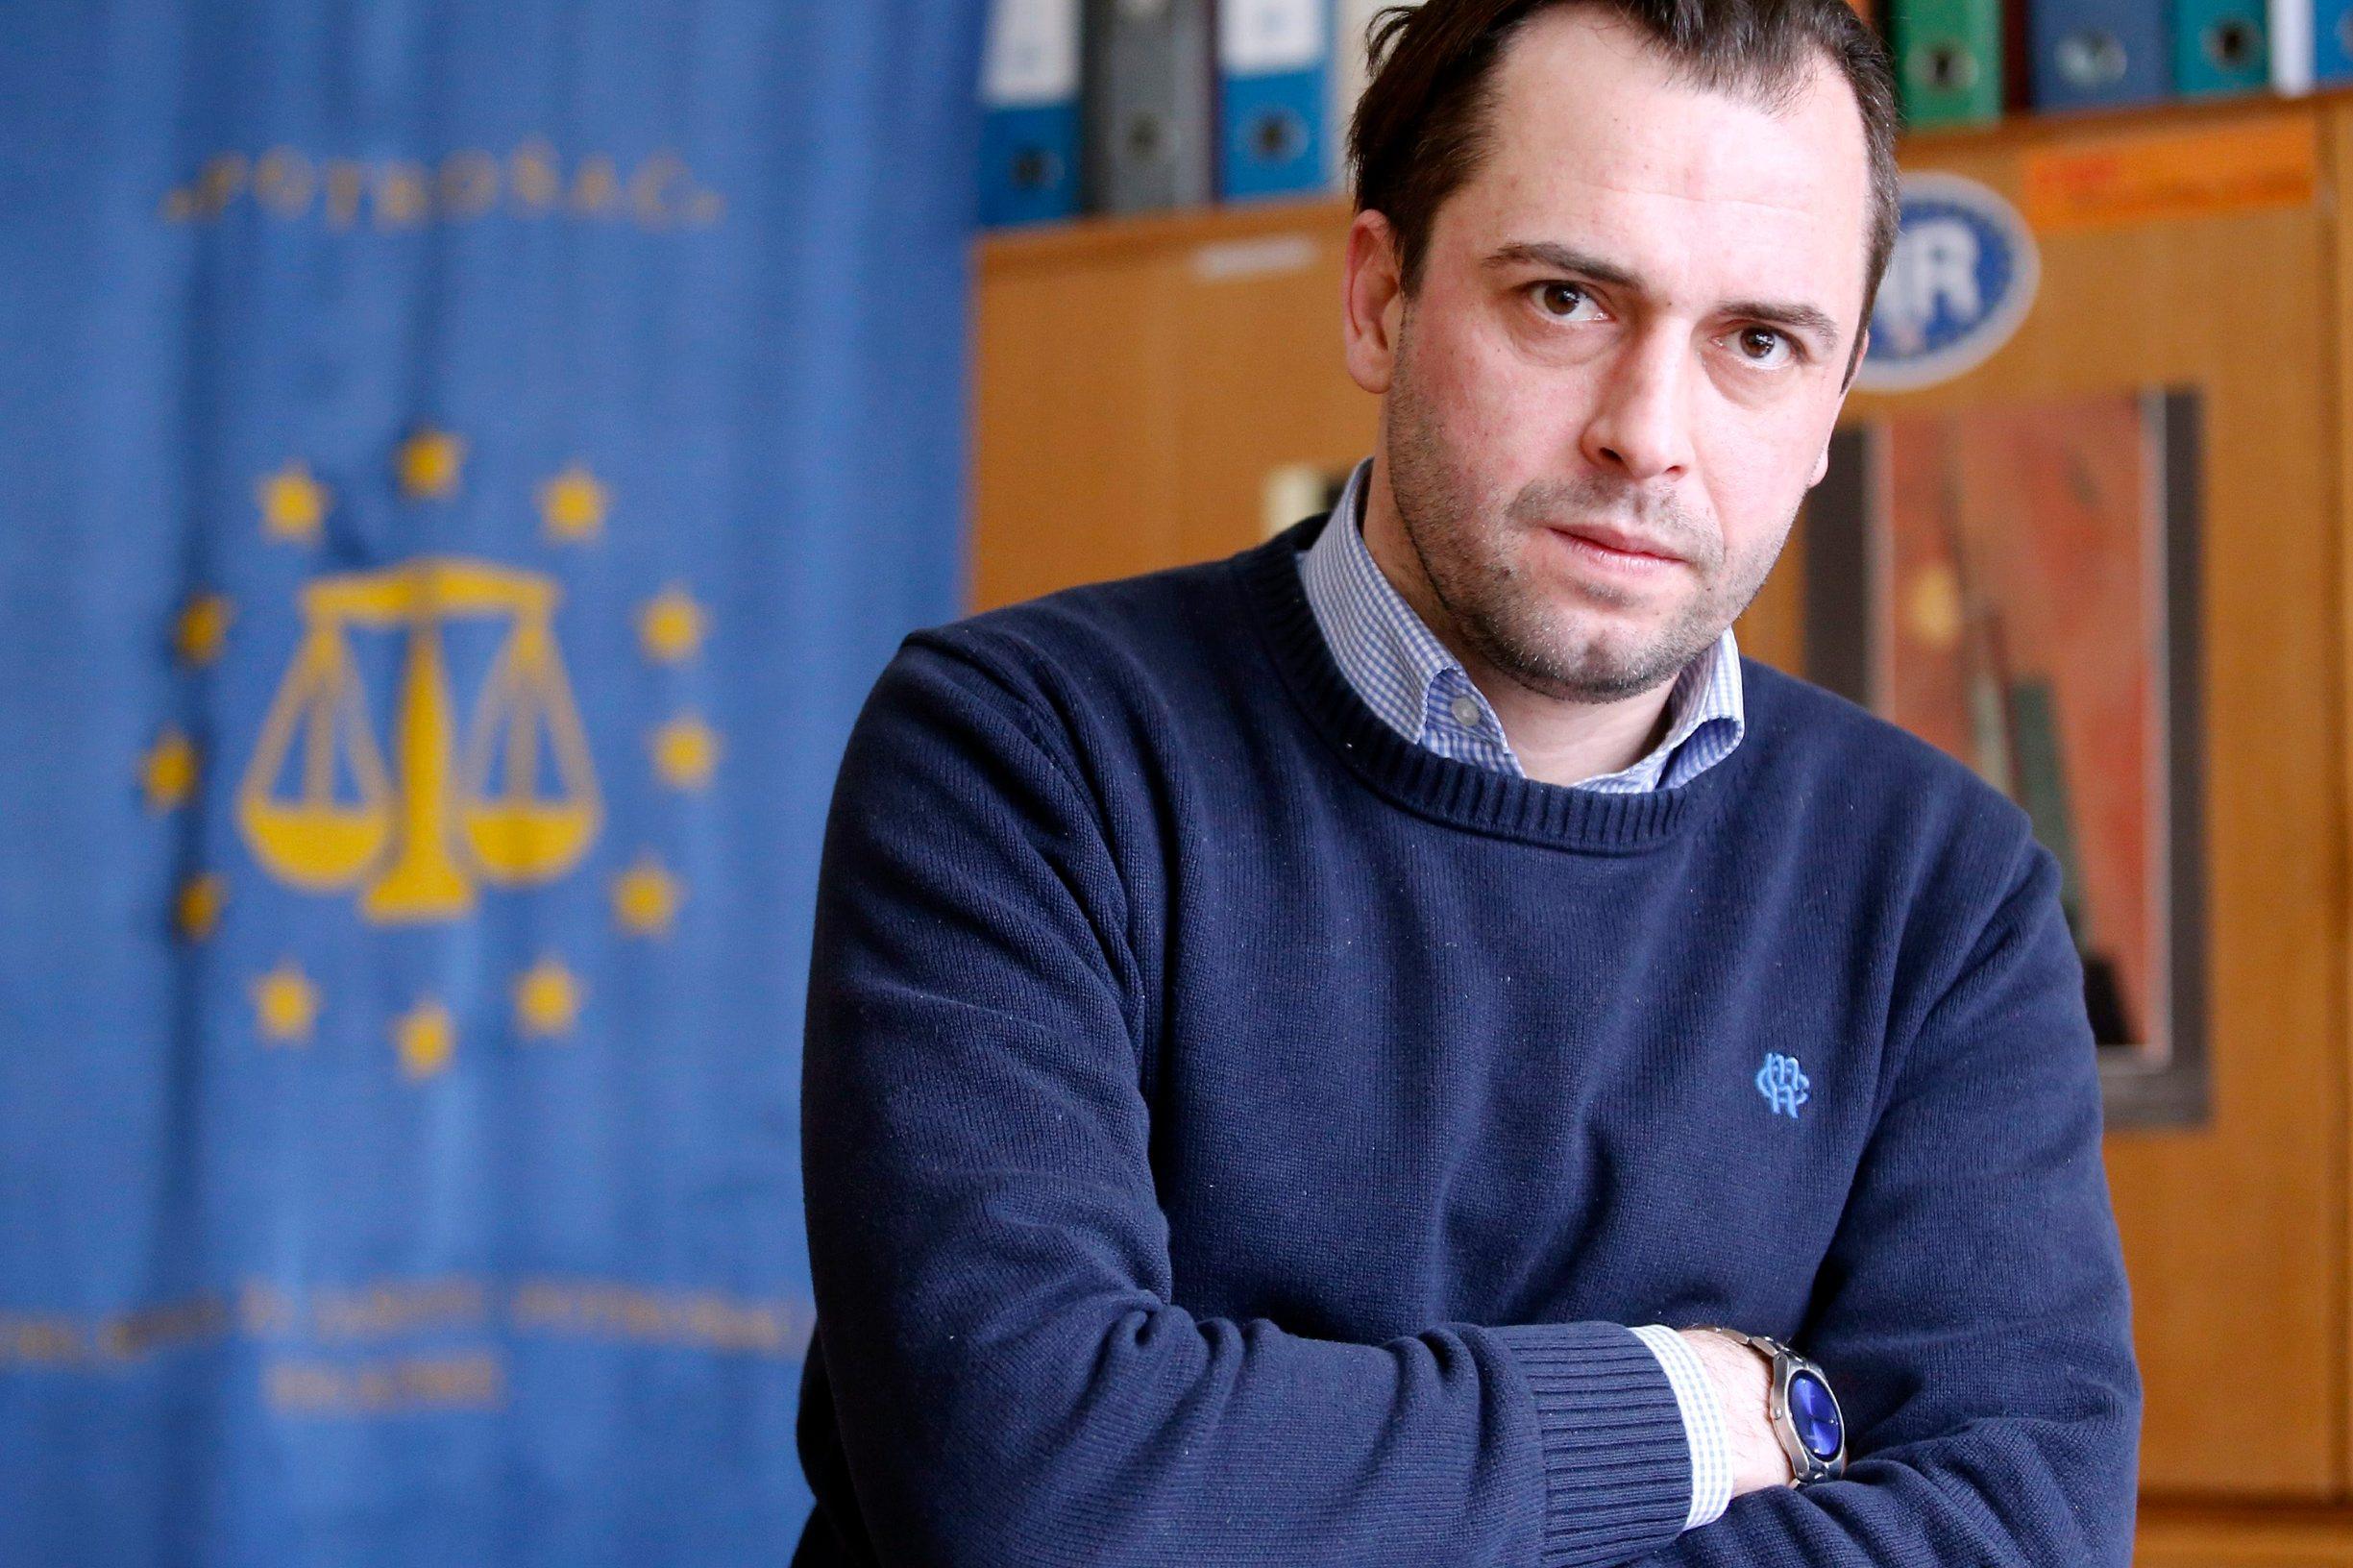 Zagreb, 231216. Udruga Potrosac, Zavrtnica. Igor Vujovic, predsjednik udruge Potrosac. Foto: Marko Todorov / CROPIX